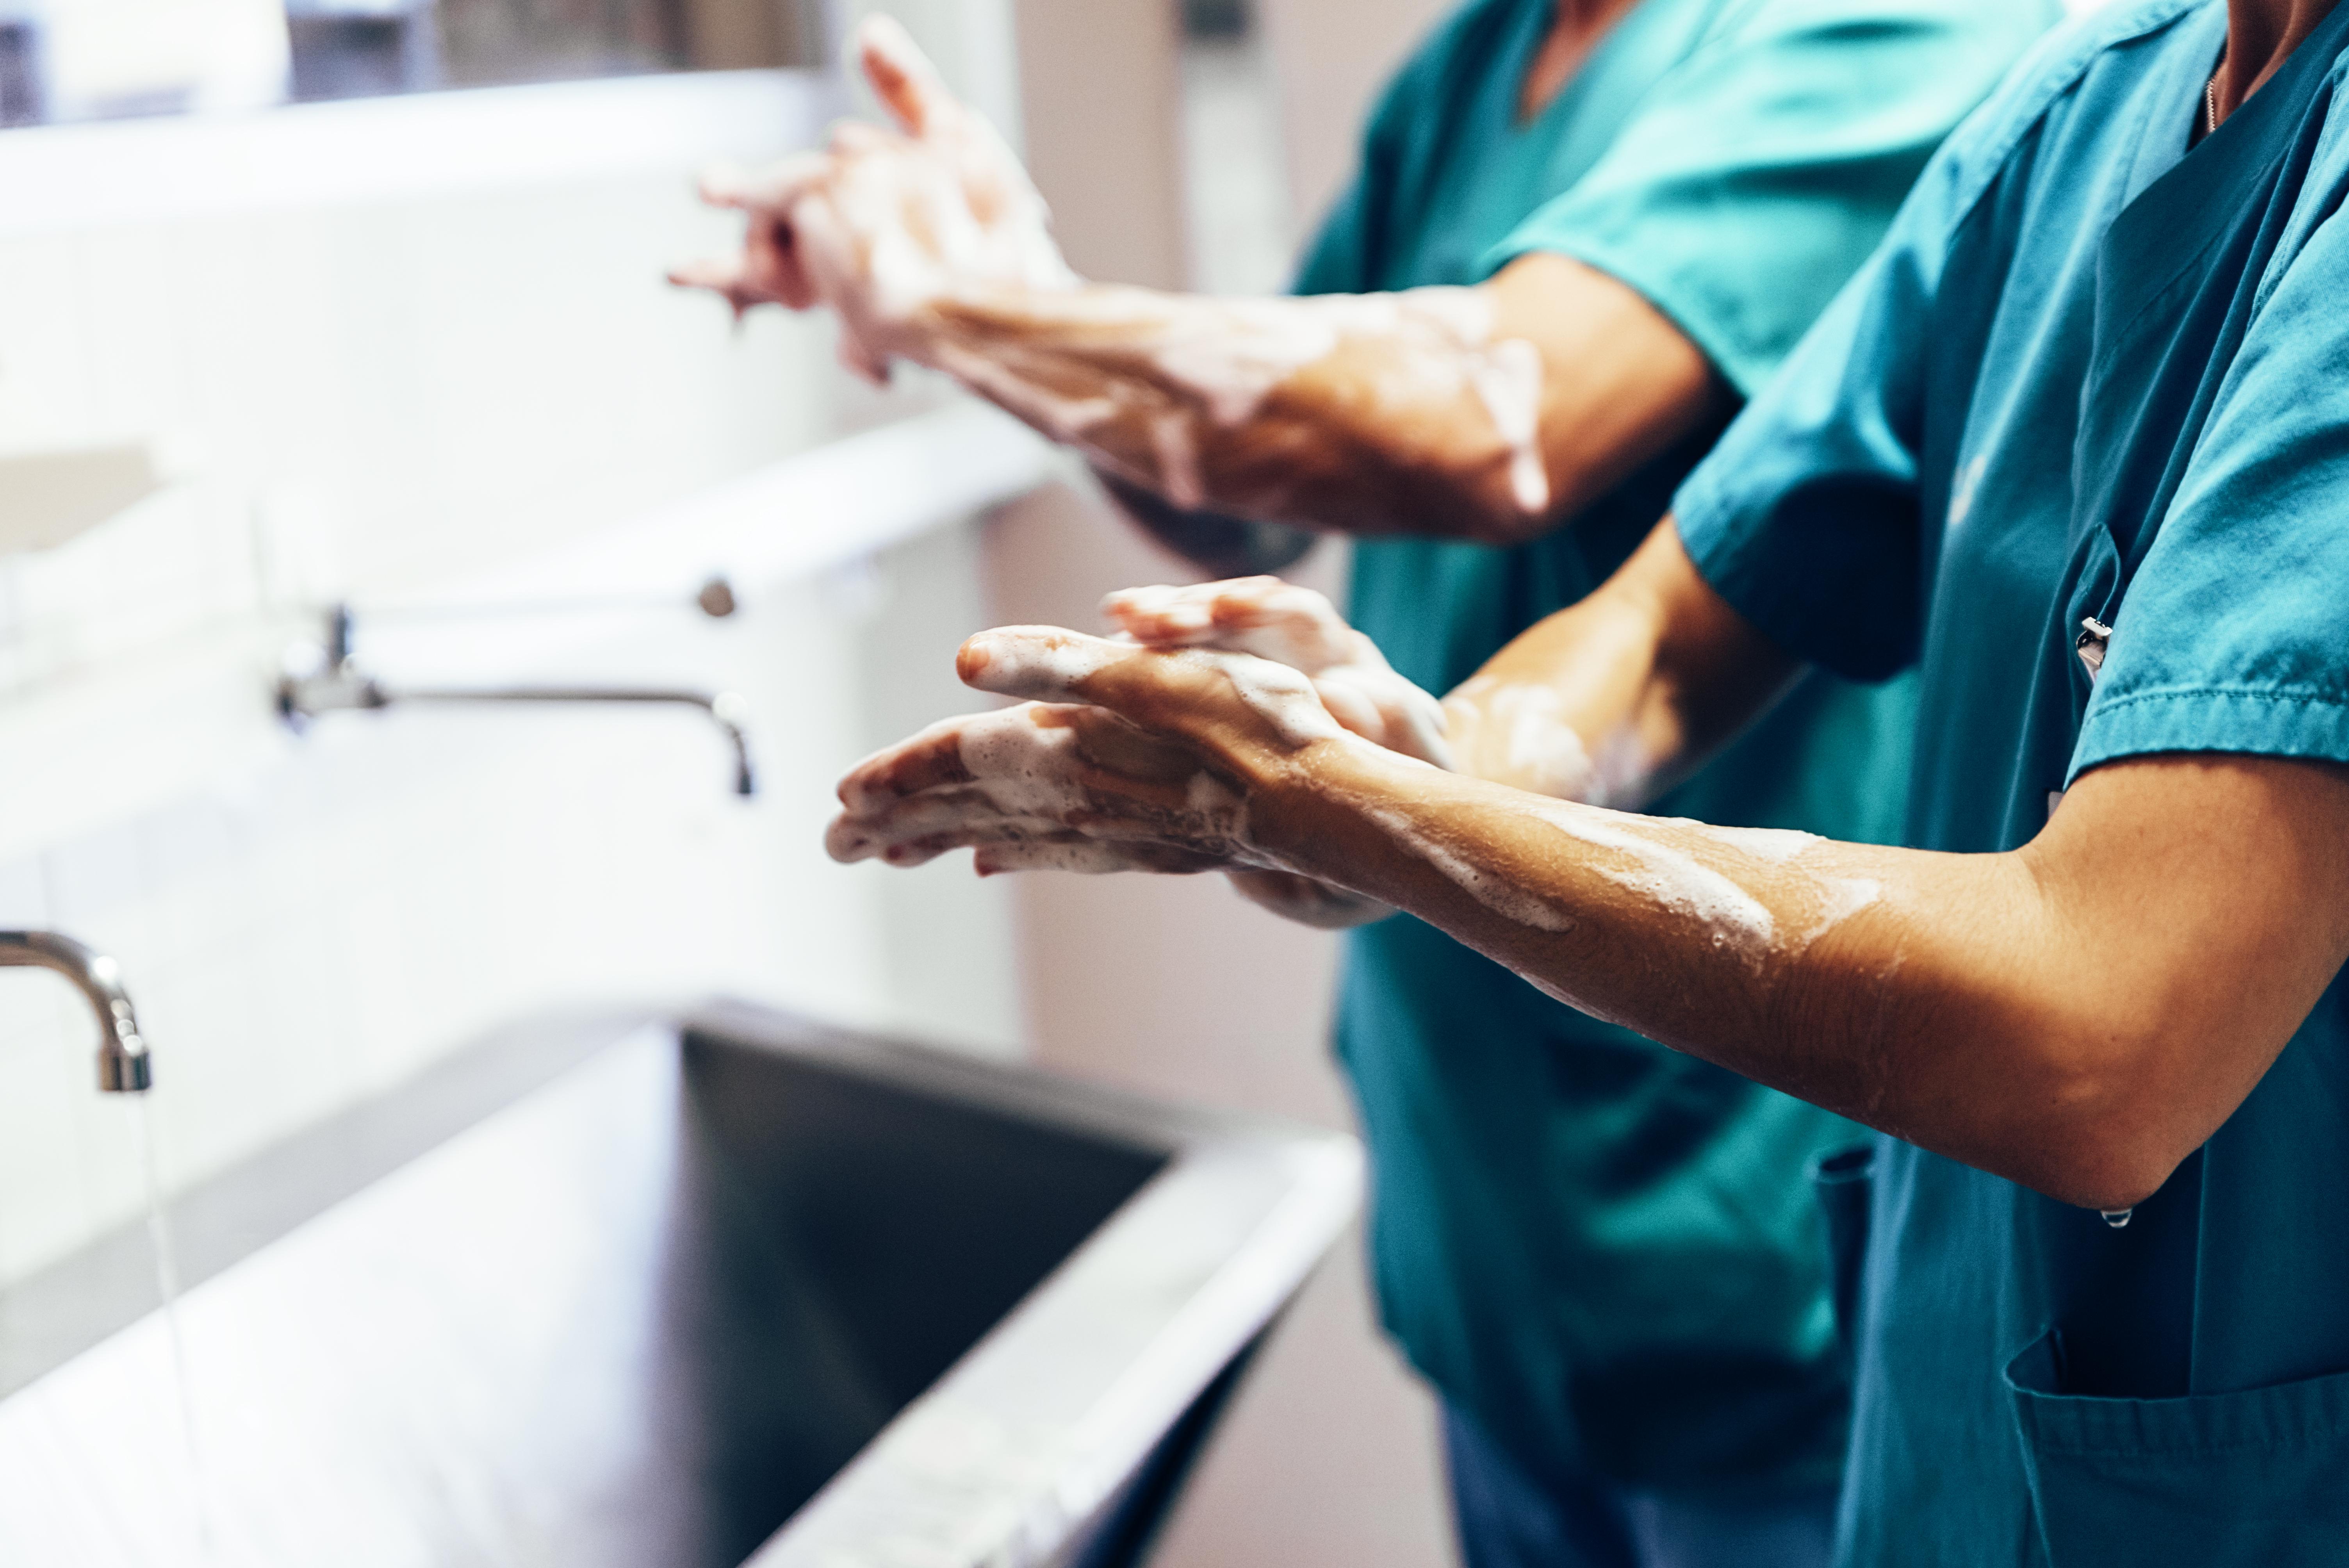 Handwashing Facts